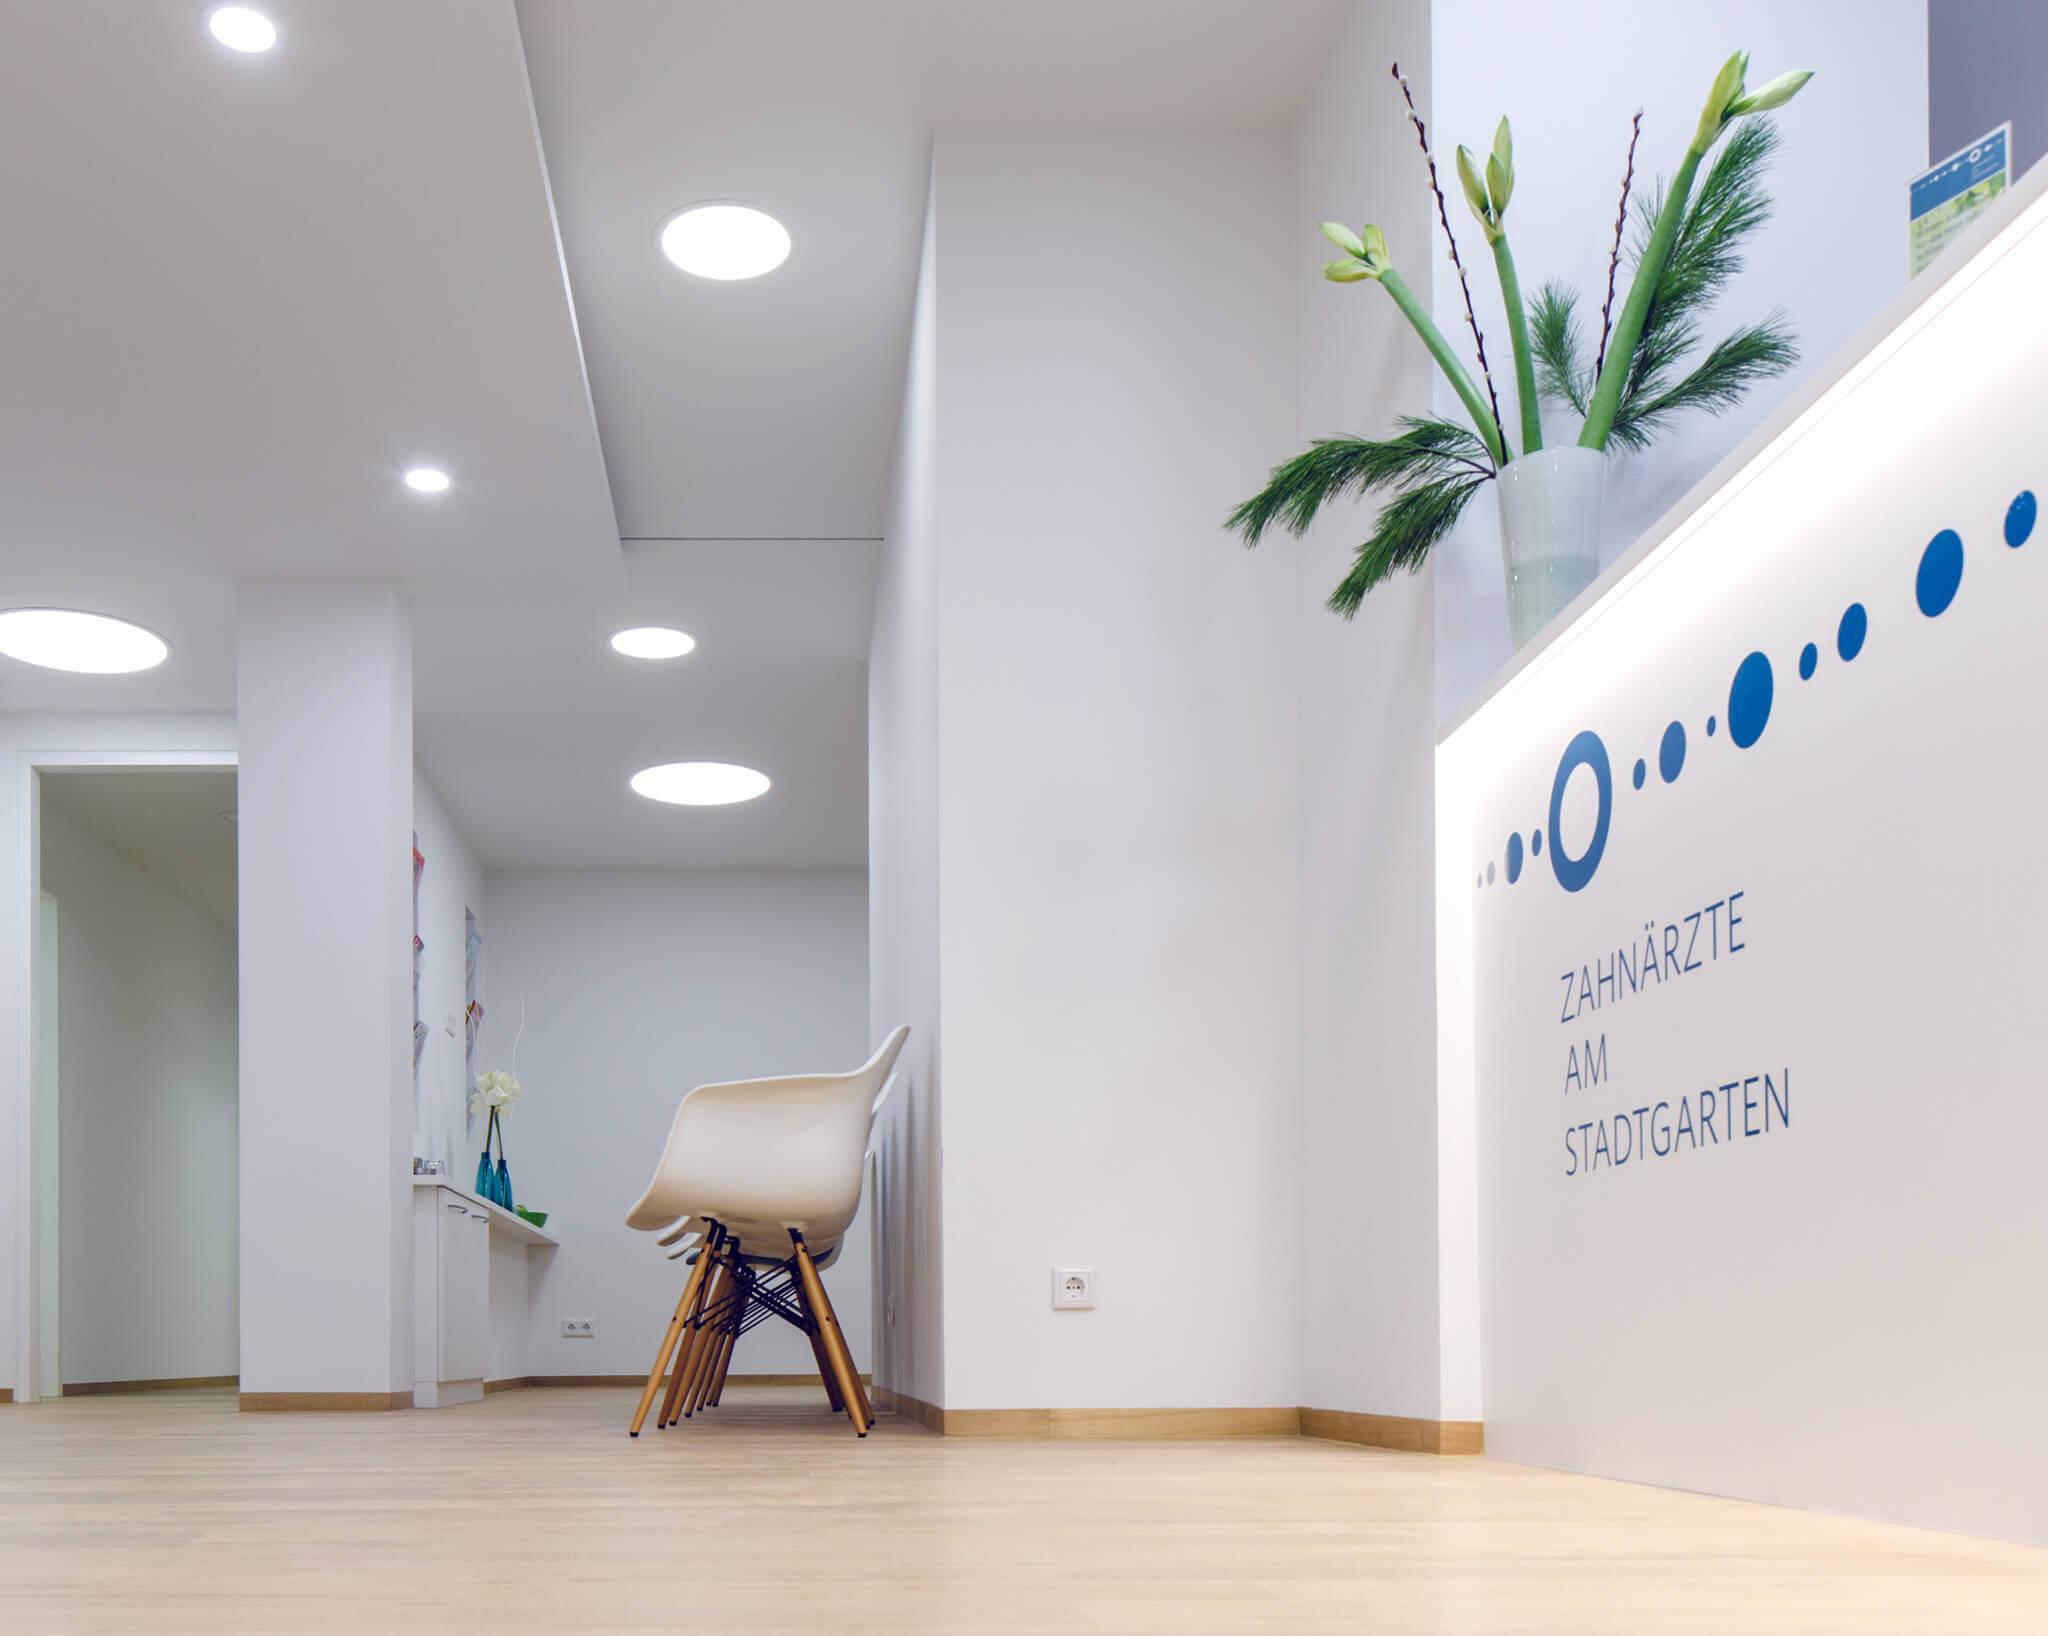 Eingang Zahnarzt Praxis in Köln am Stadtgarten